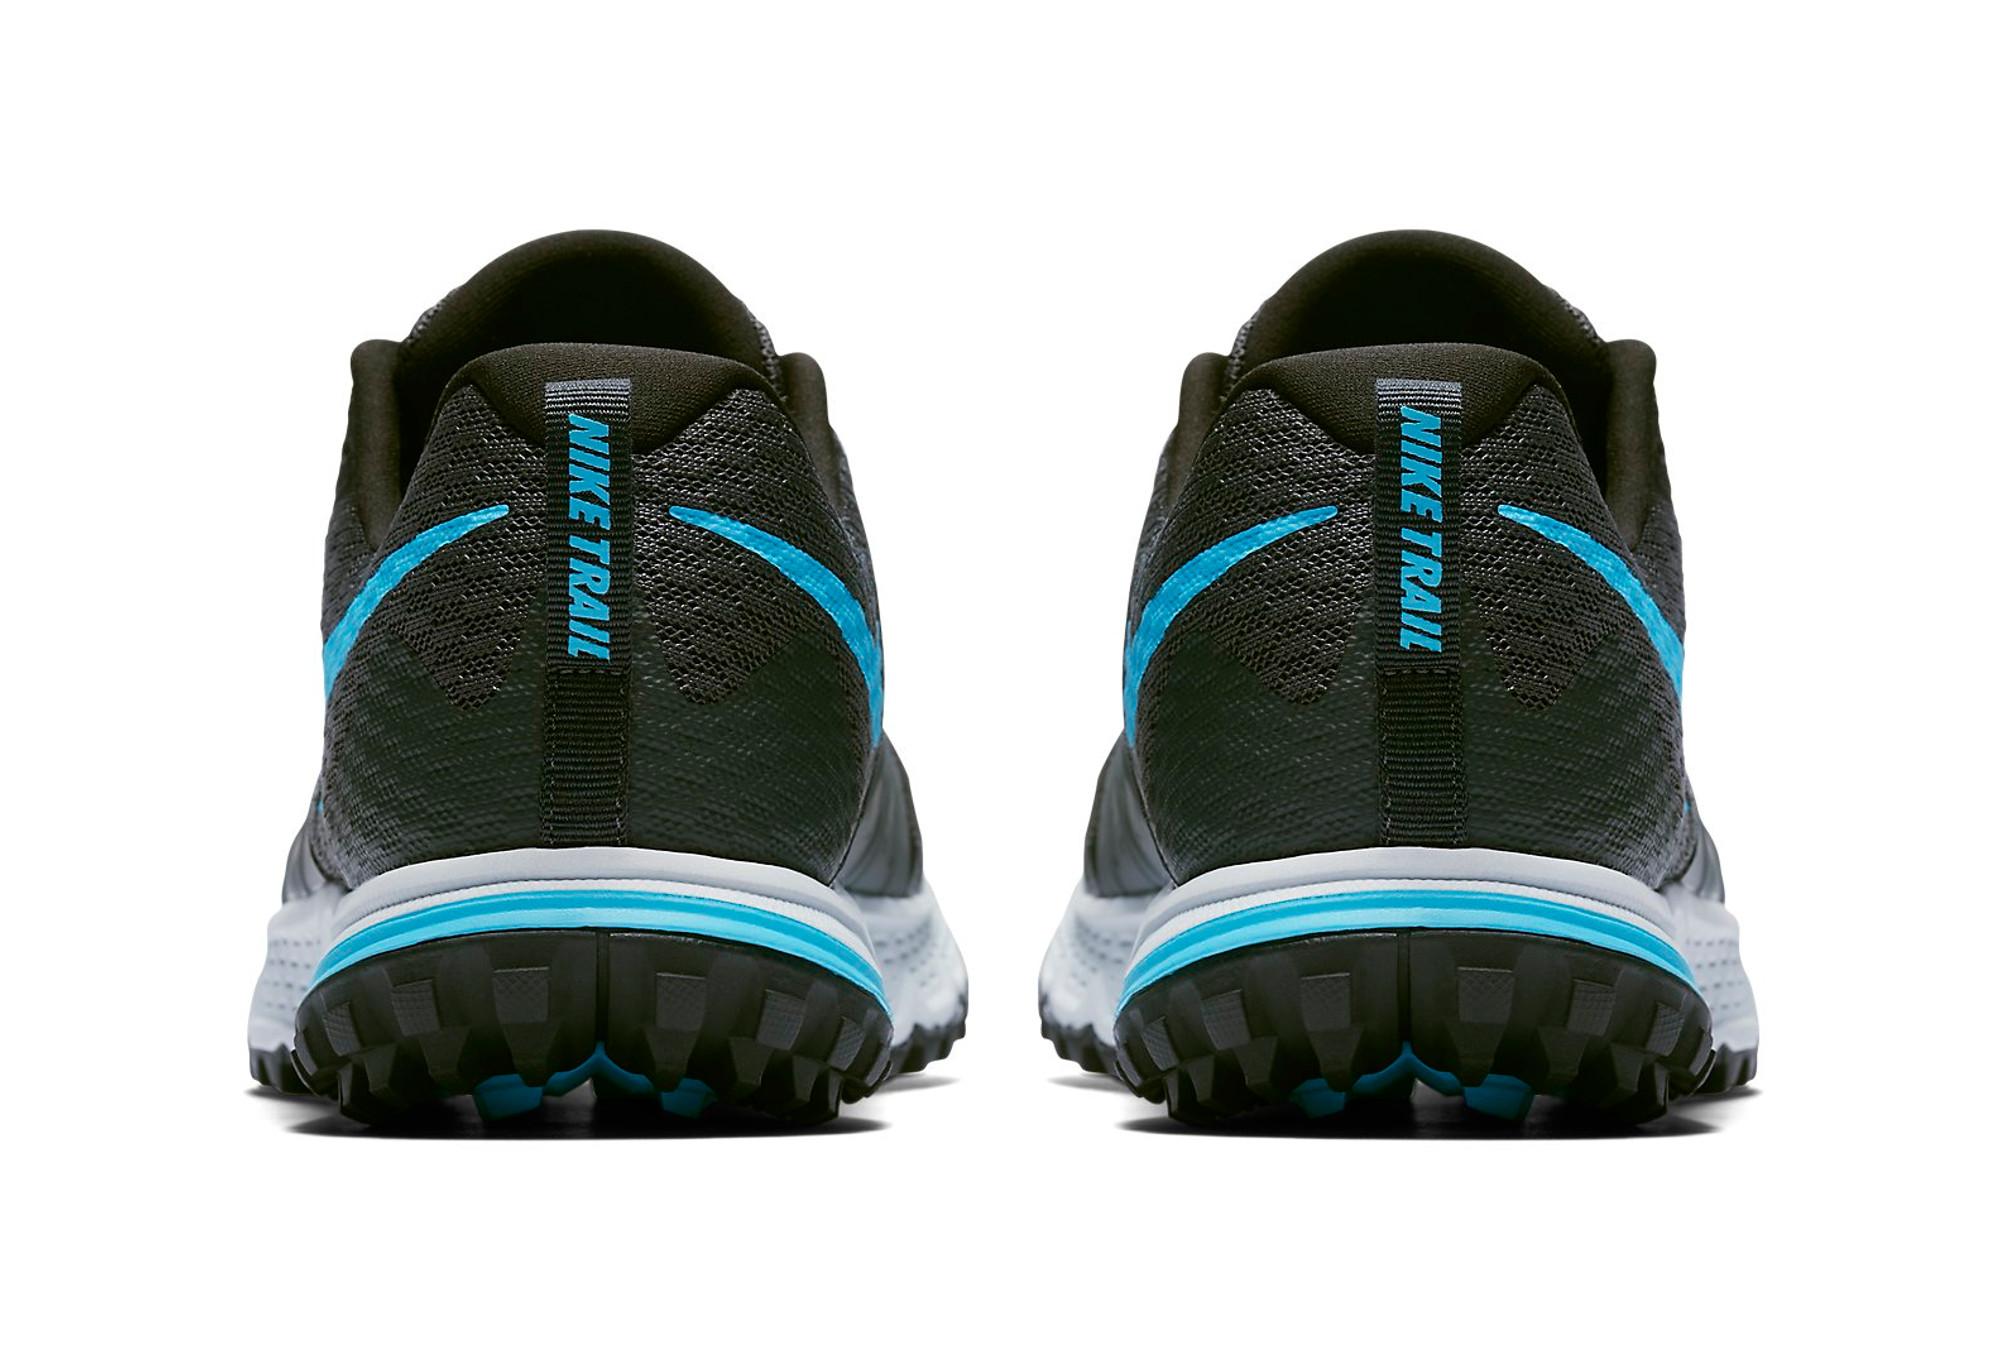 8ccdac116 Zapatillas Nike Wildhorse 4 para Hombre Gris   Azul   Gris